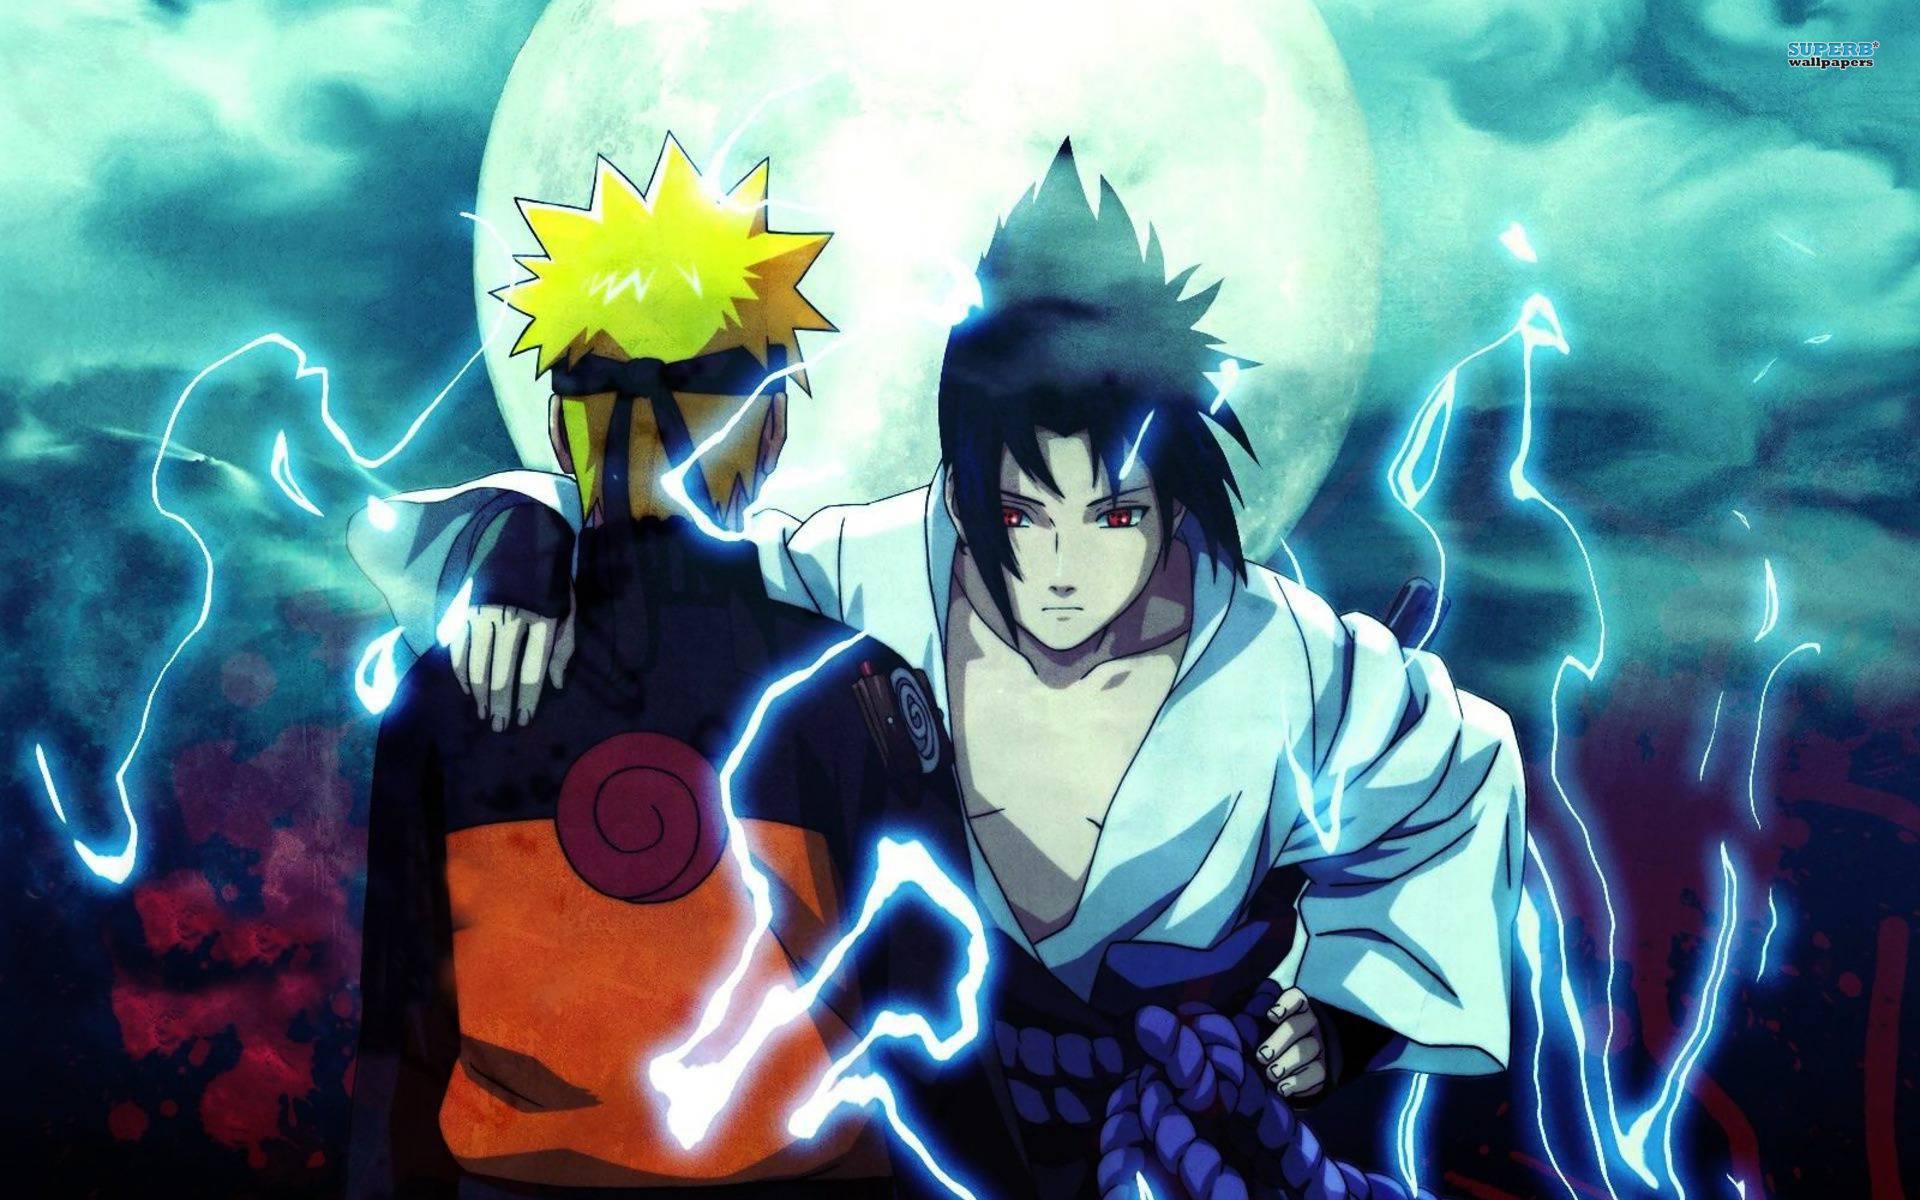 Naruto and Sasuke Naruto Uzumaki and Sasuke Uchiha 1920x1200